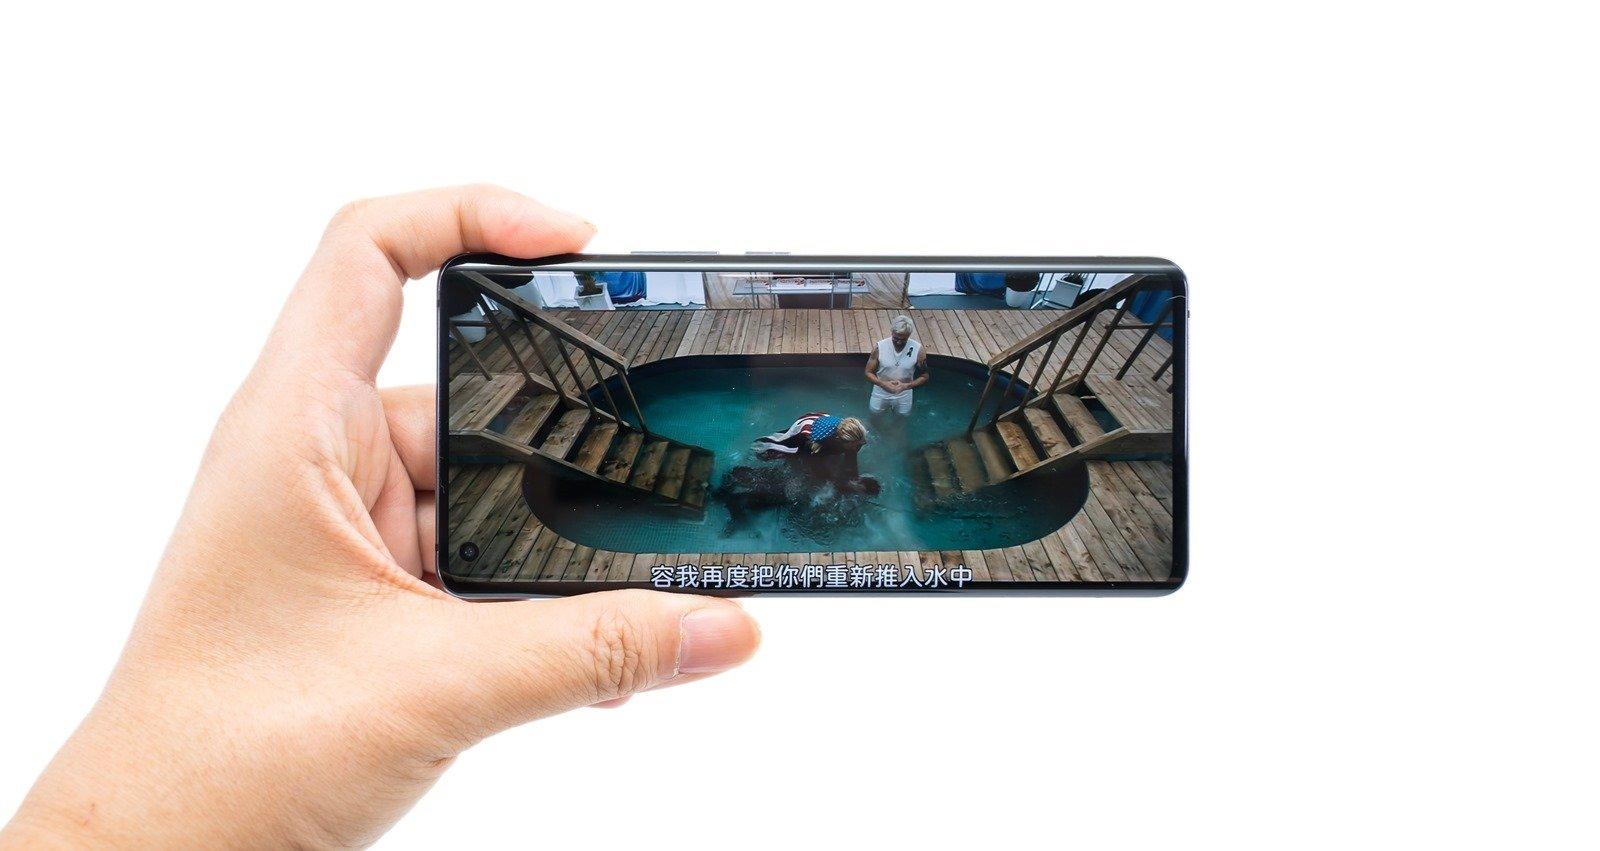 輕量旗艦 vivo X50 Pro 來了!輕巧機身創新微雲台拍攝怪獸開箱評測! @3C 達人廖阿輝